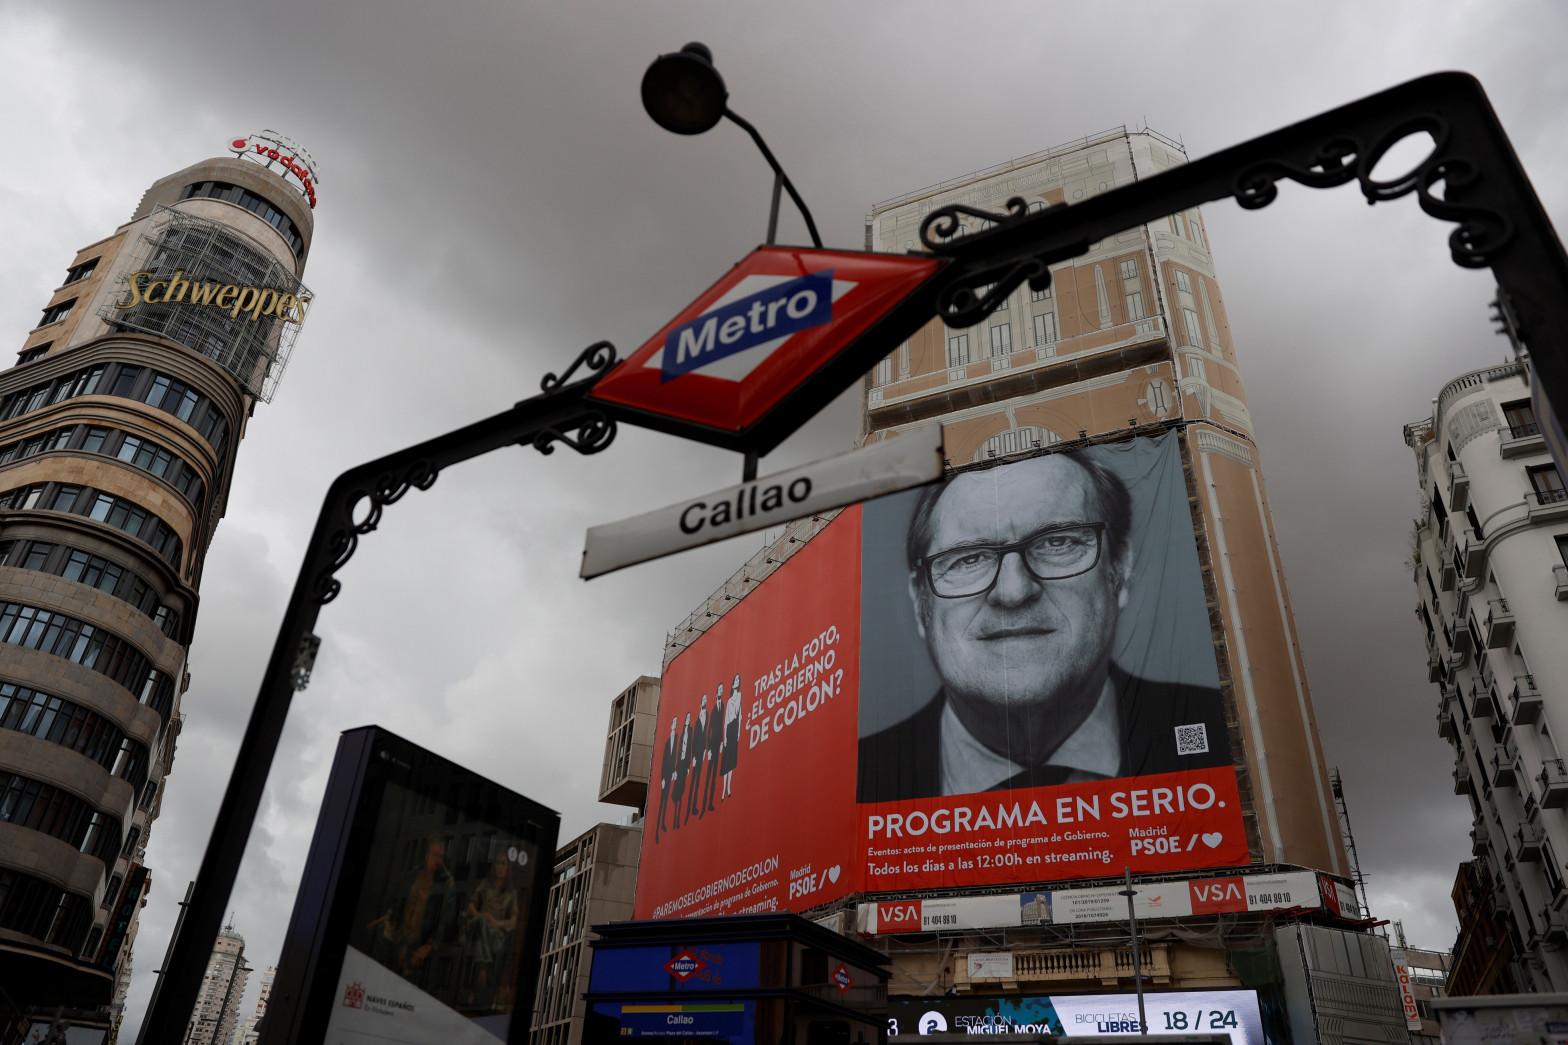 El PSOE despliega una nueva lona de publicidad electoral en Callao